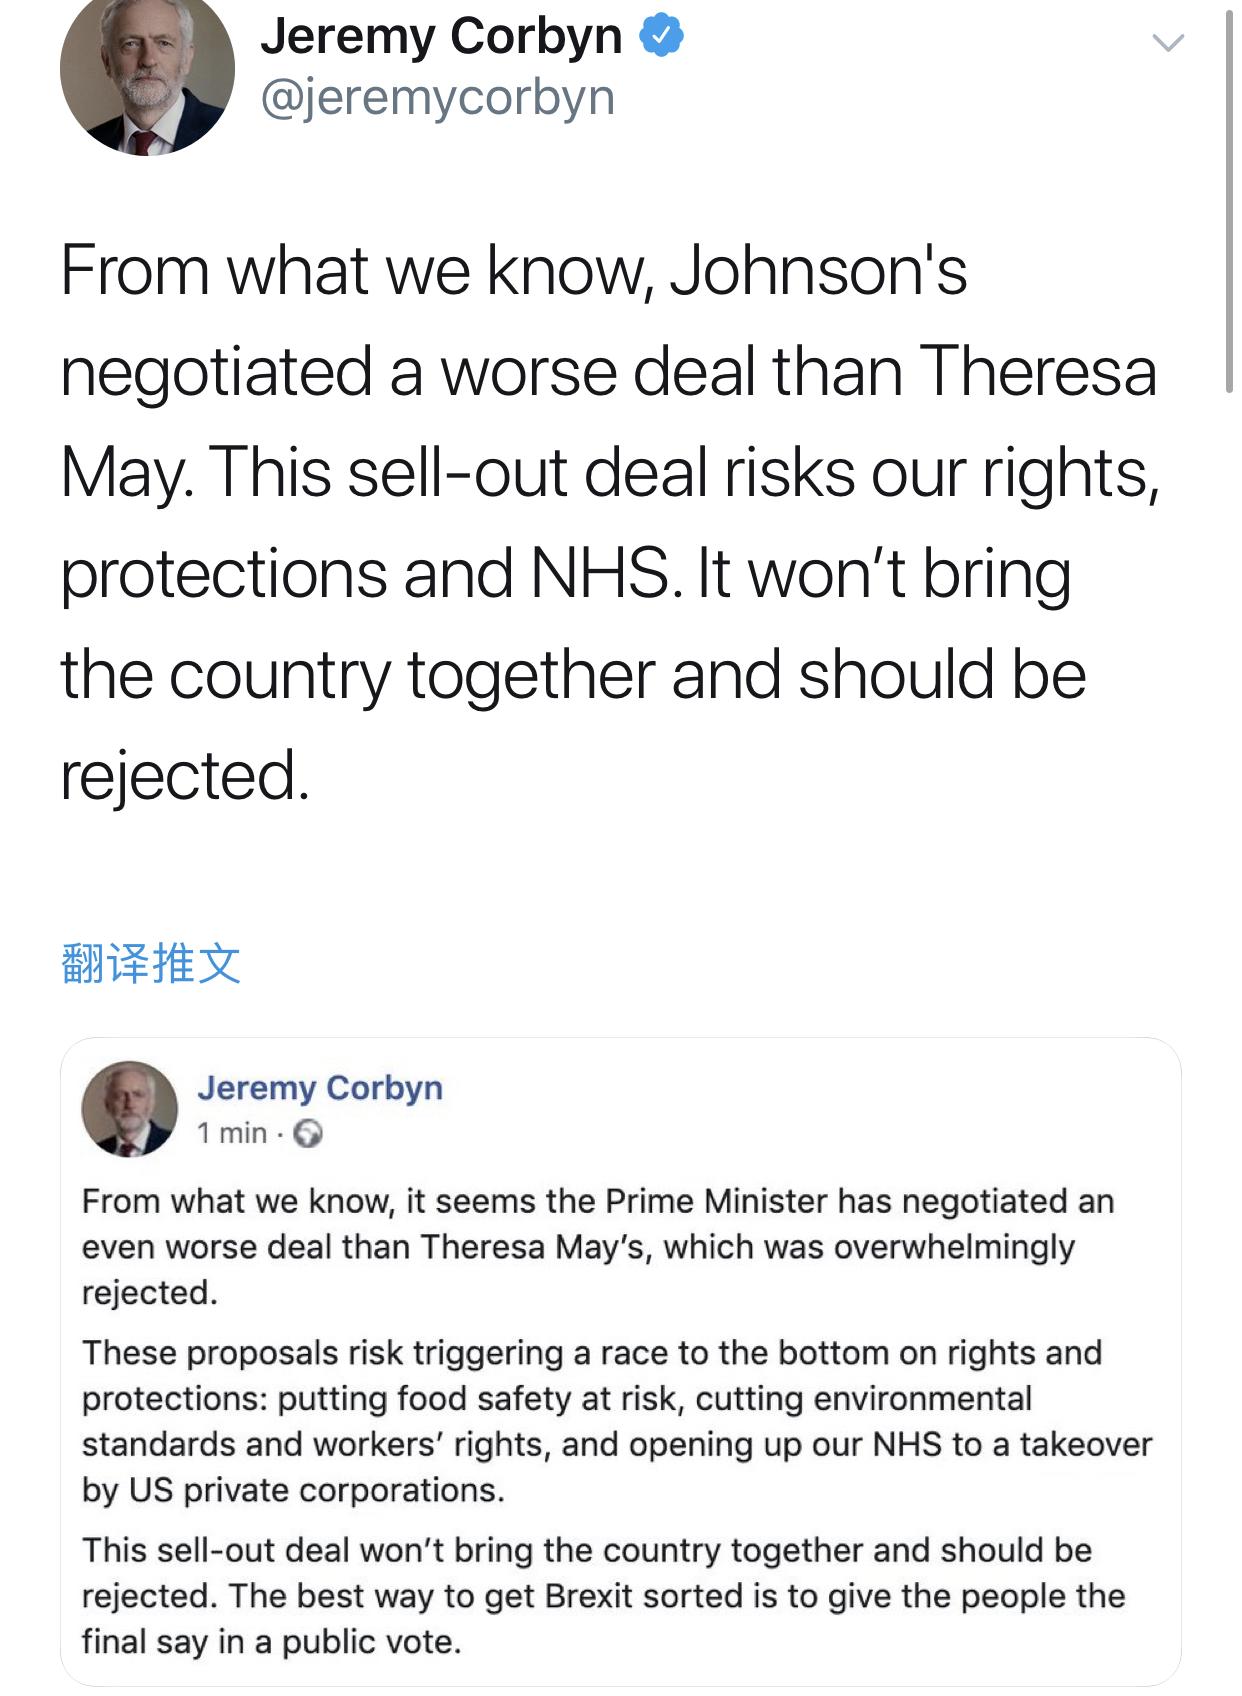 工党领袖科尔宾的推特截图。/ 推特